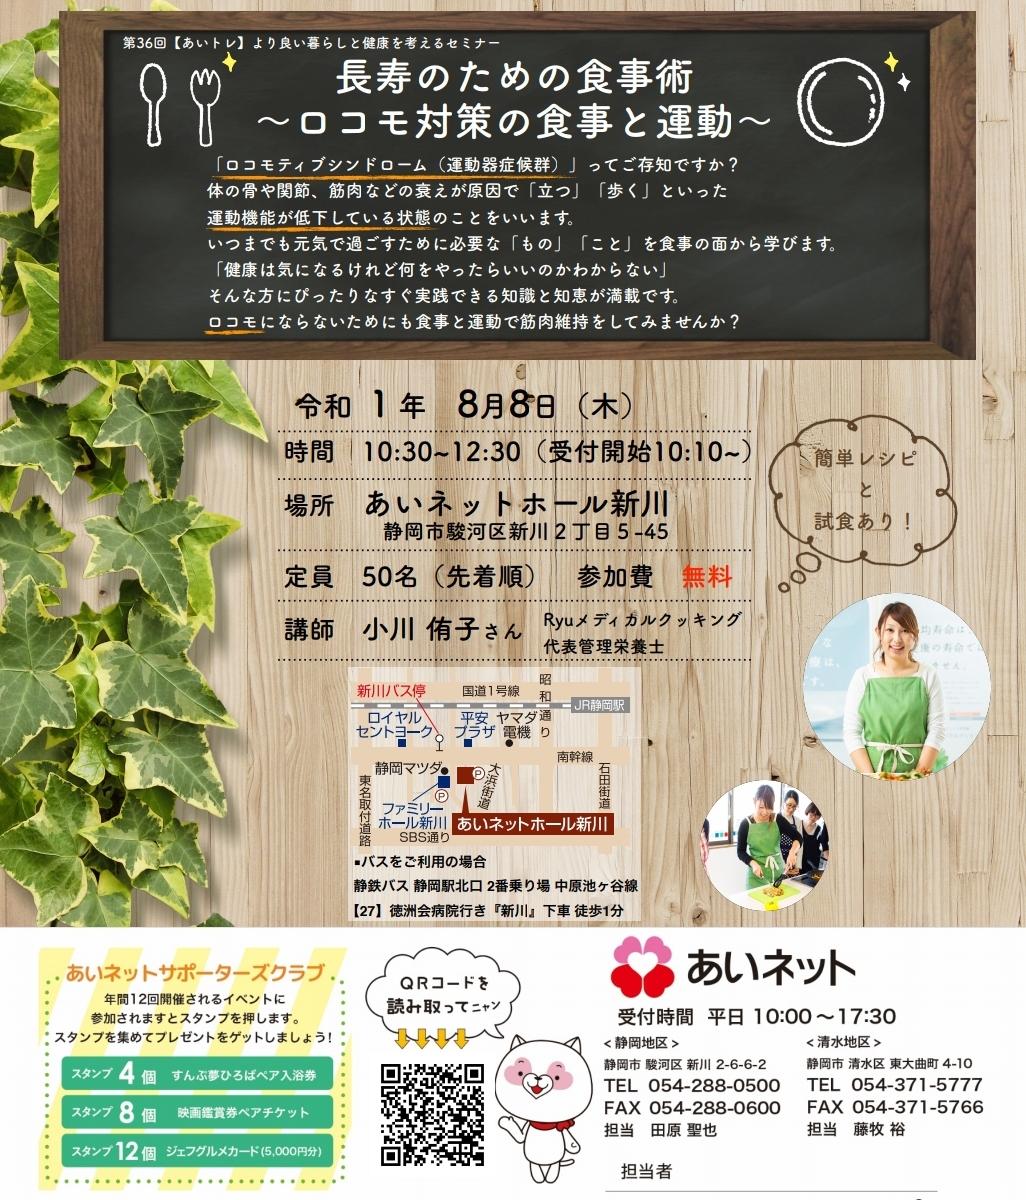 【8/8開催】長寿のための食事術~ロコモ対策の食事と運動~